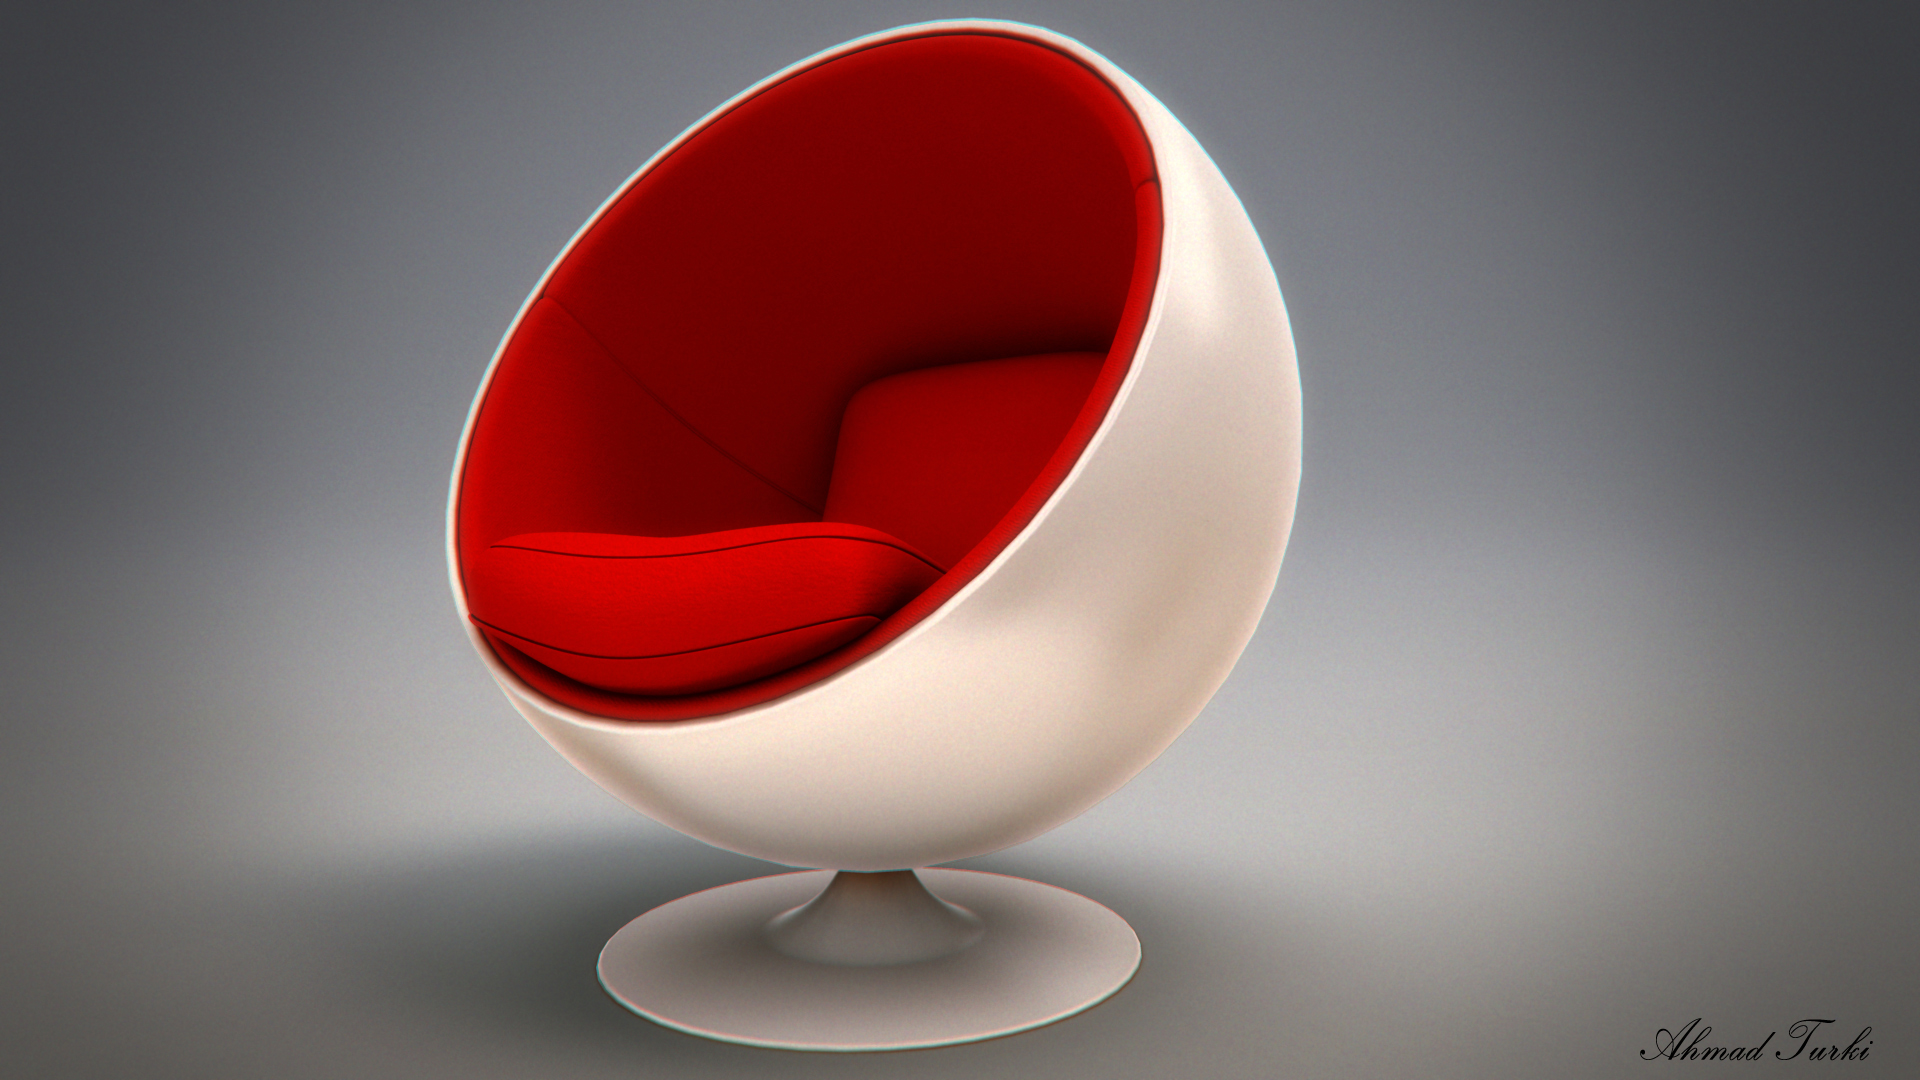 egg chair render v02 by ahmadturk on deviantart. Black Bedroom Furniture Sets. Home Design Ideas